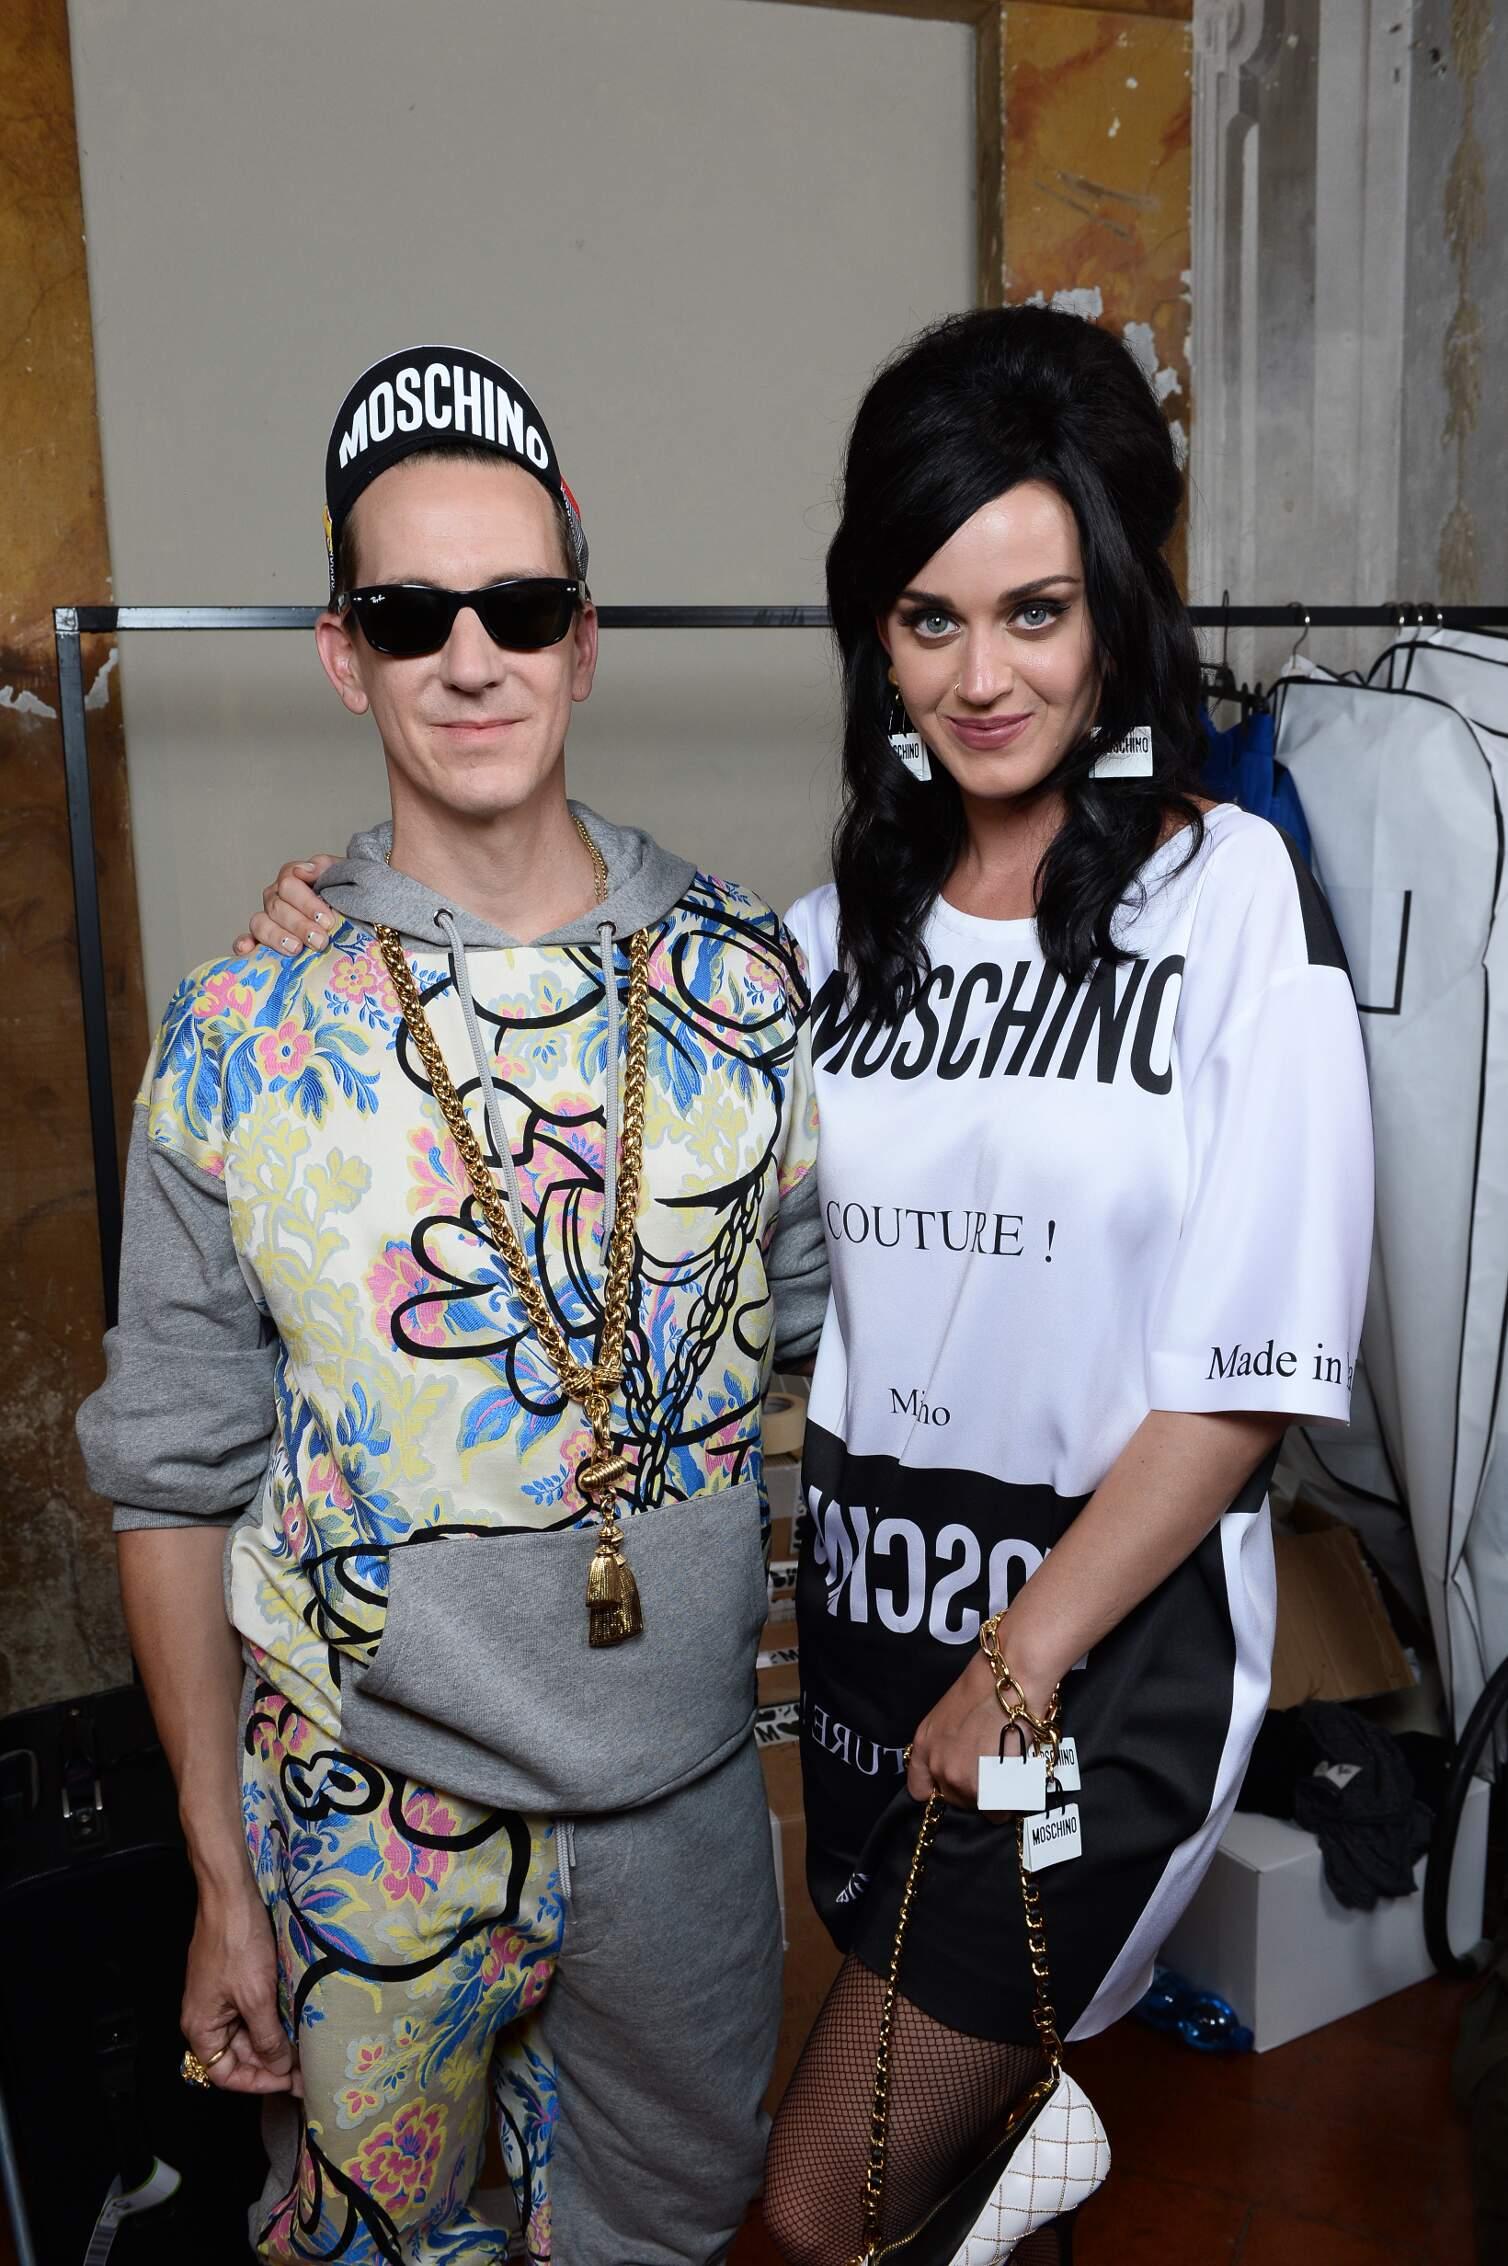 Jeremy Scott and Katy Perry Pitti Immagine